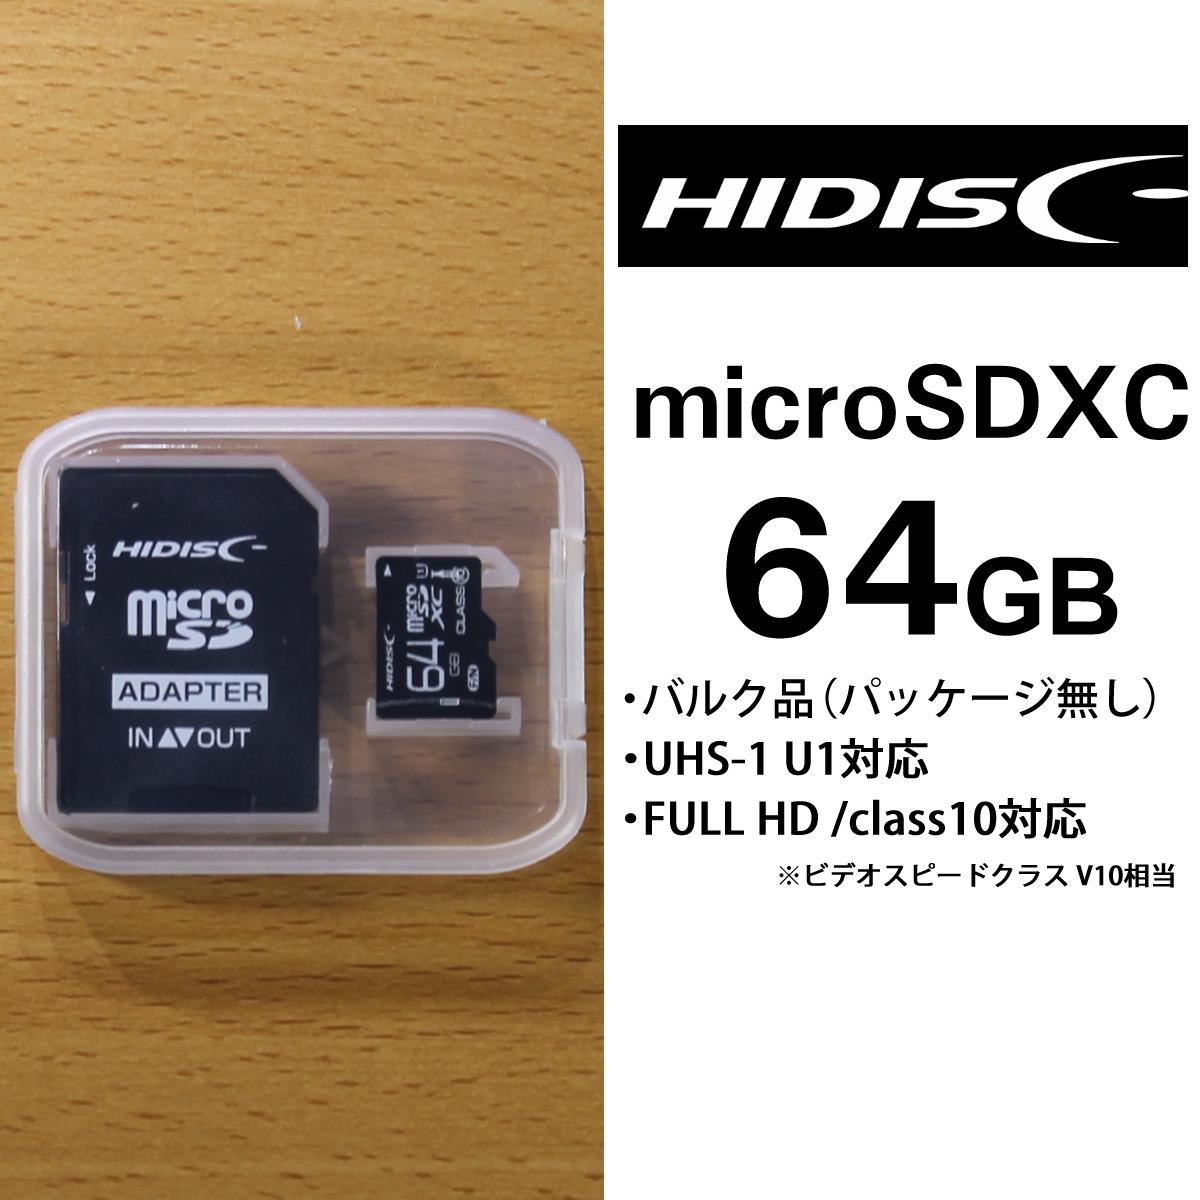 【送料無料】 HI DISC / microSD 64GB バルク品 / SD変換アダプタ付 / class10 / UHS-1対応_画像1